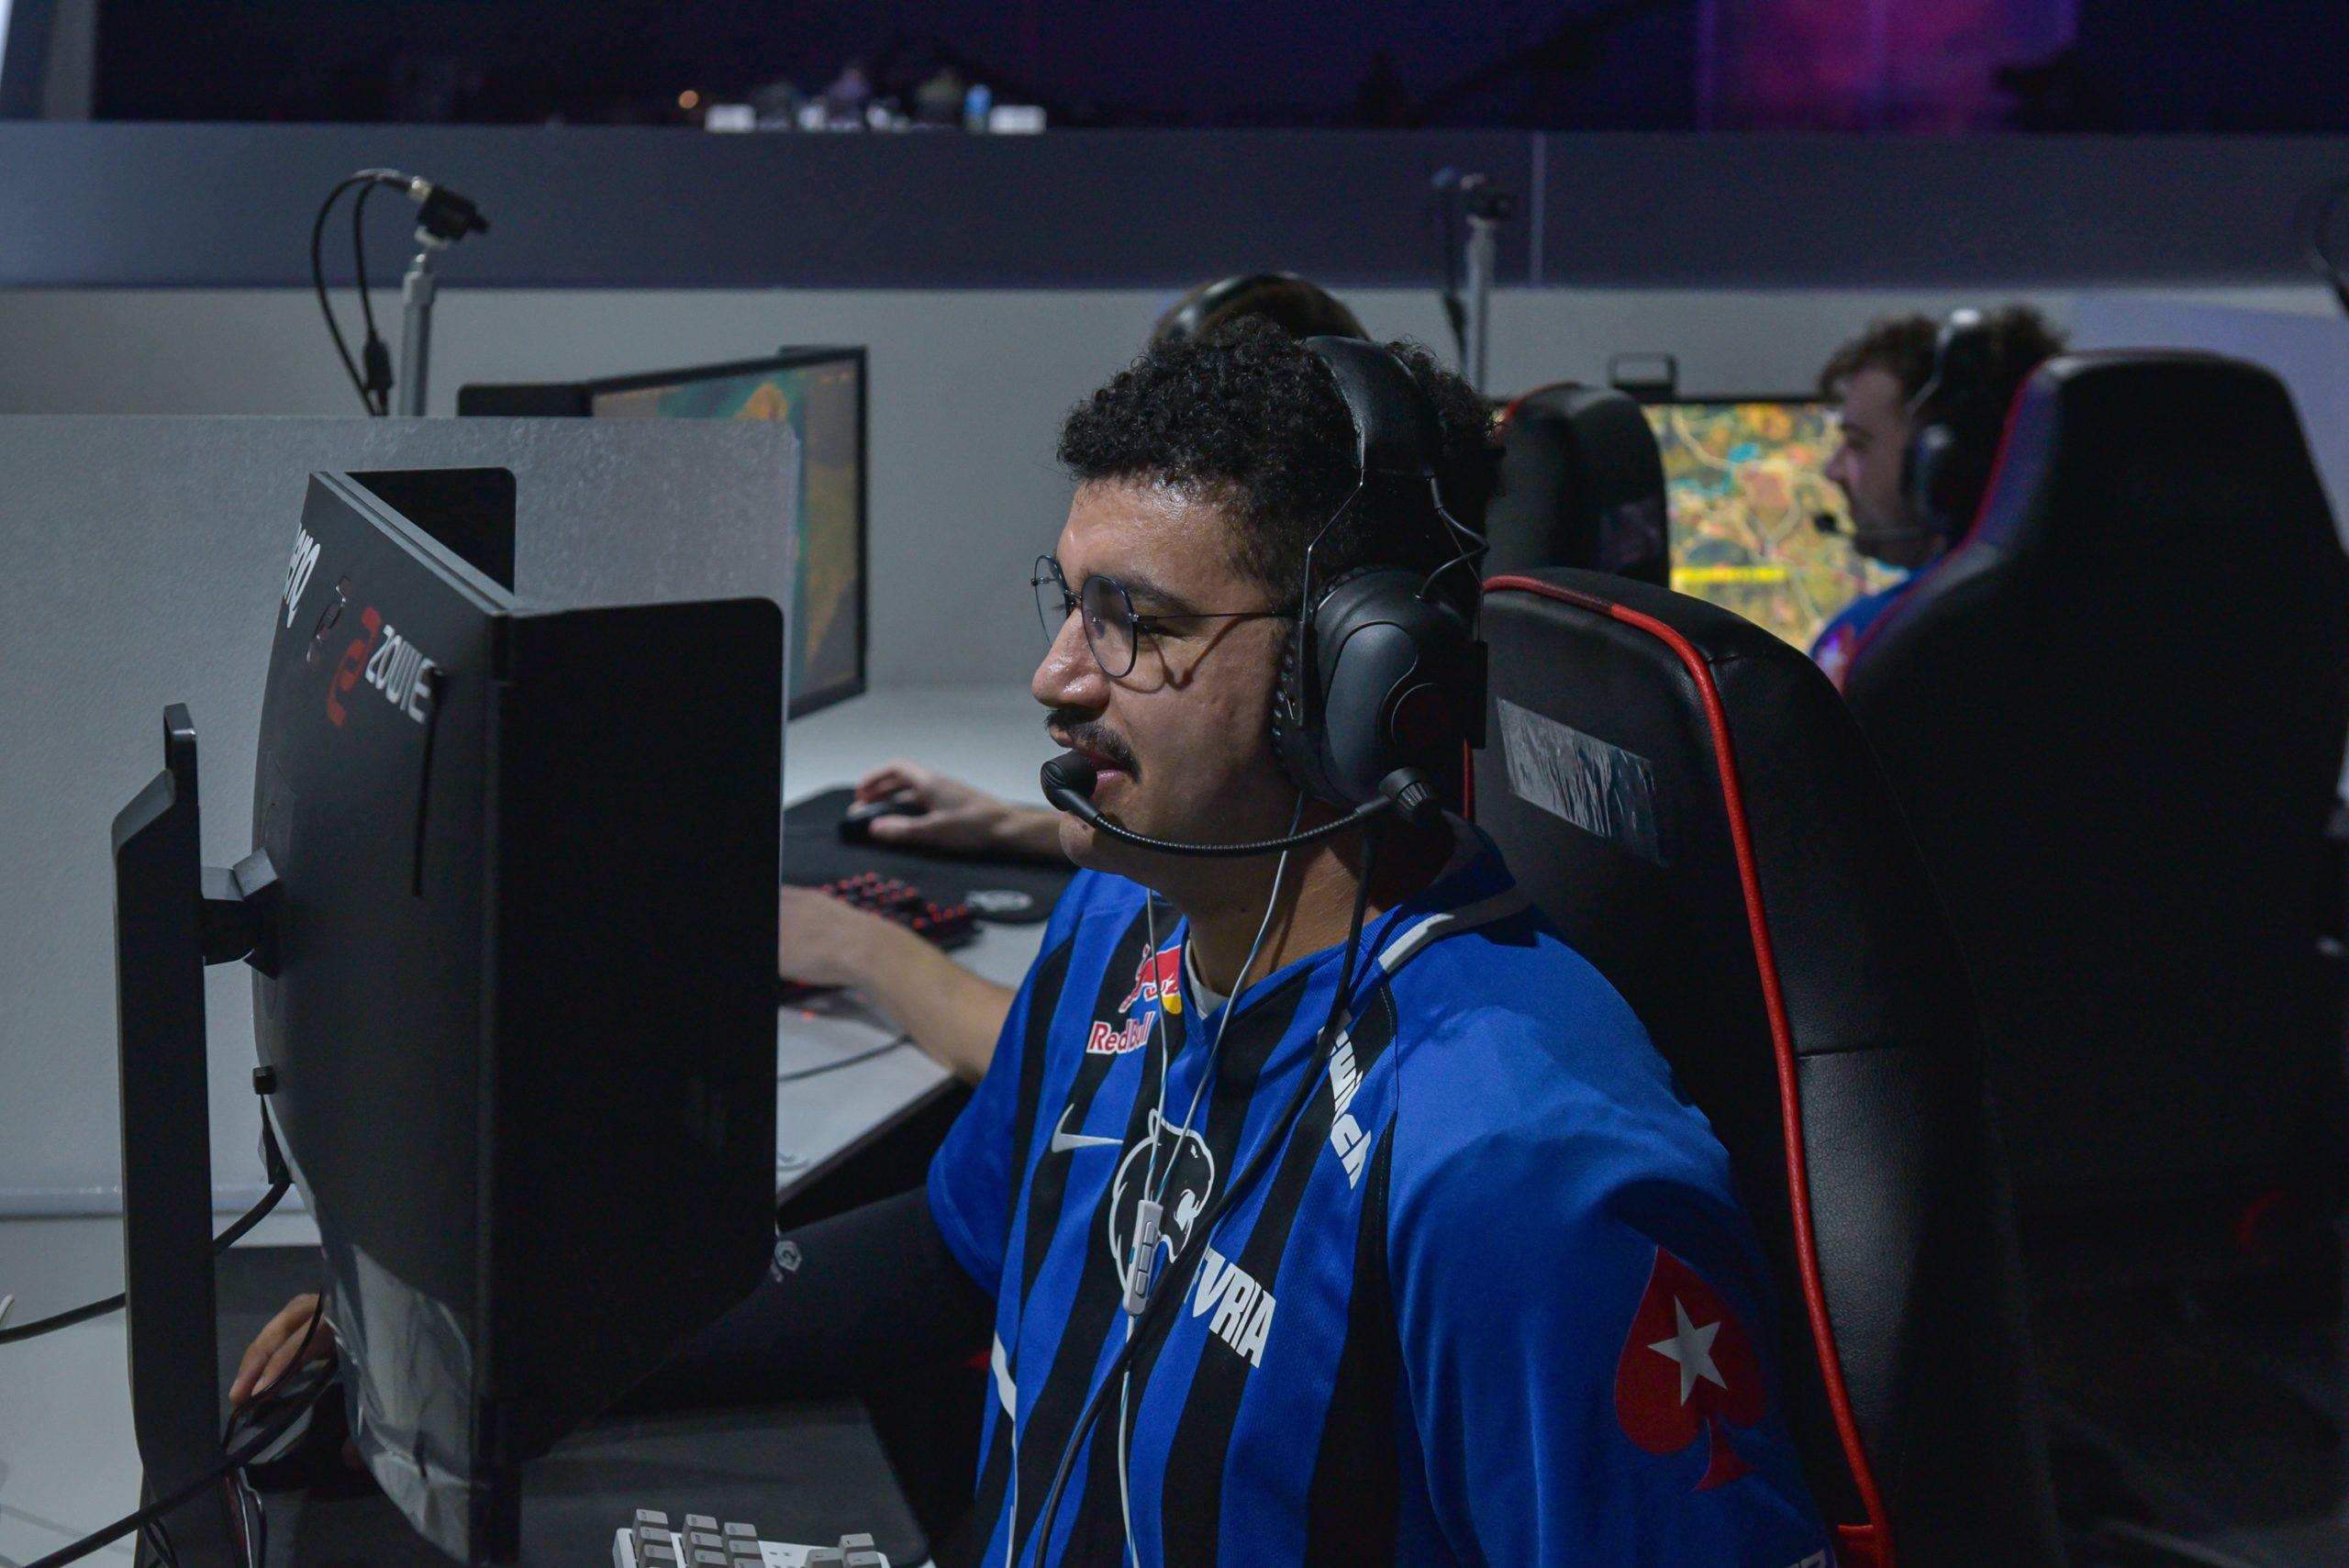 Jogador brasileiro Necro em primeiro plano, com os companheiros da equipe Meta Gaming ao fundo, jogando o Survival Tournament, no PGI.S